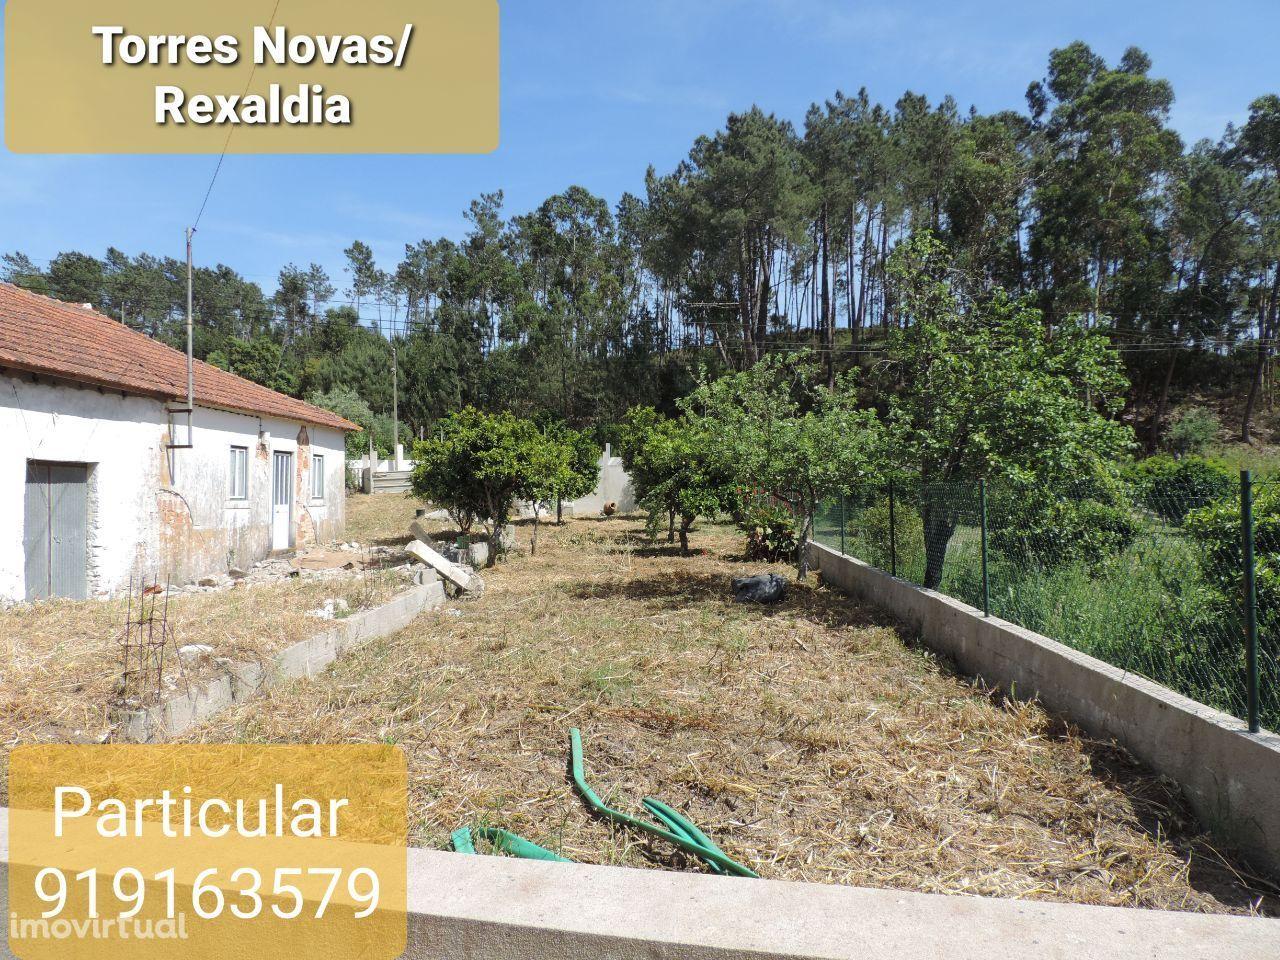 Terreno com Casa Rústica para restaurar Torres Novas, Zona Histórica